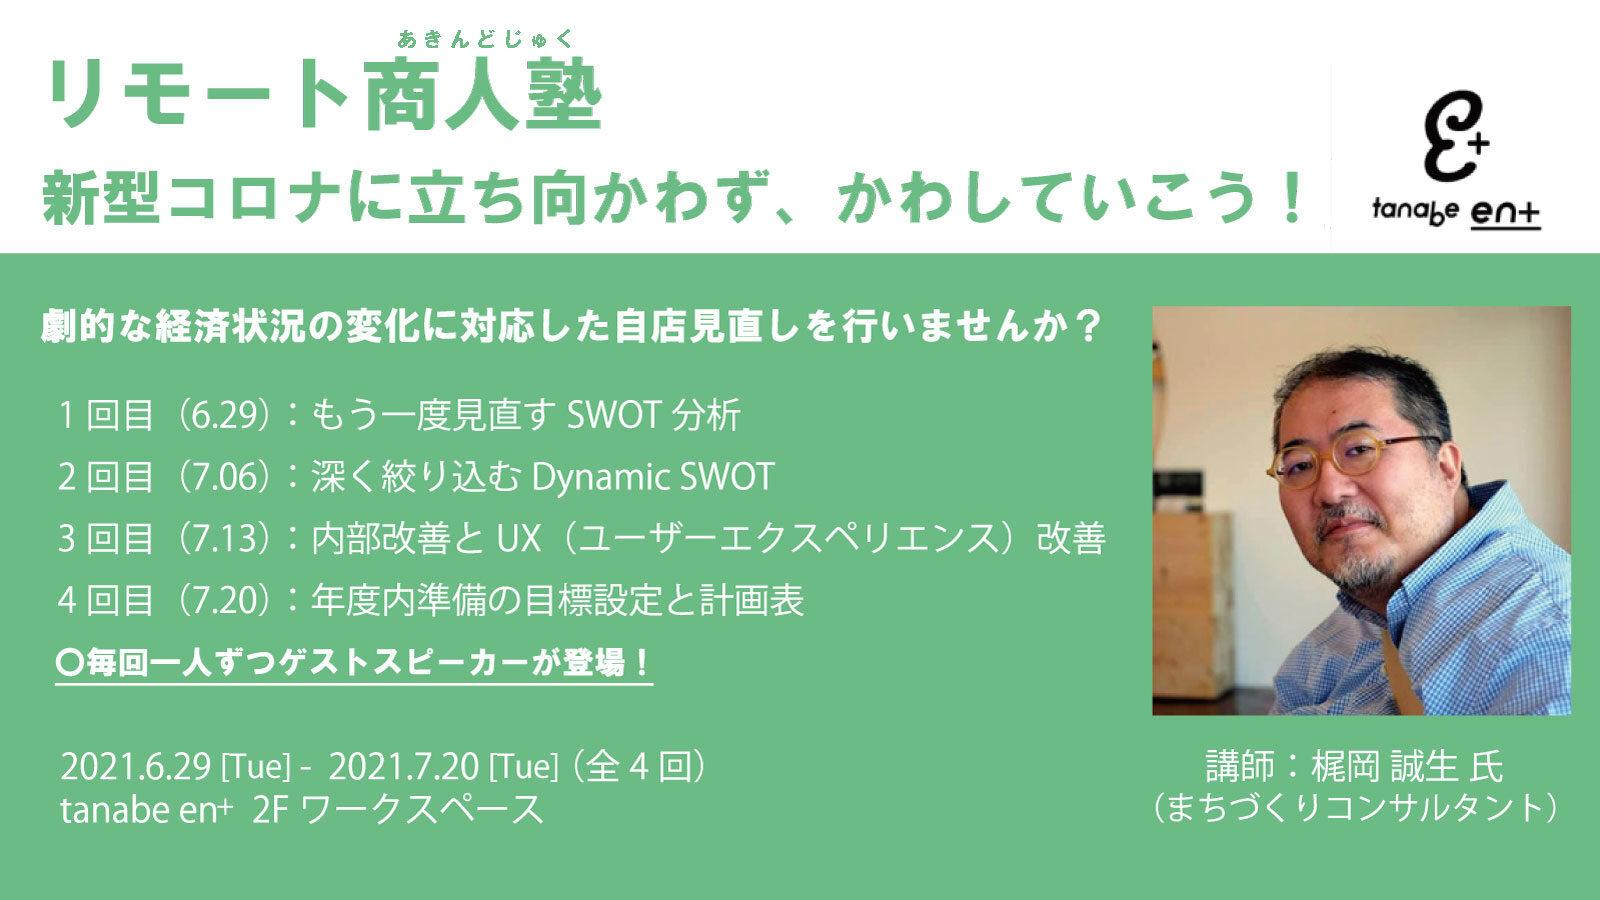 リモート商人塾